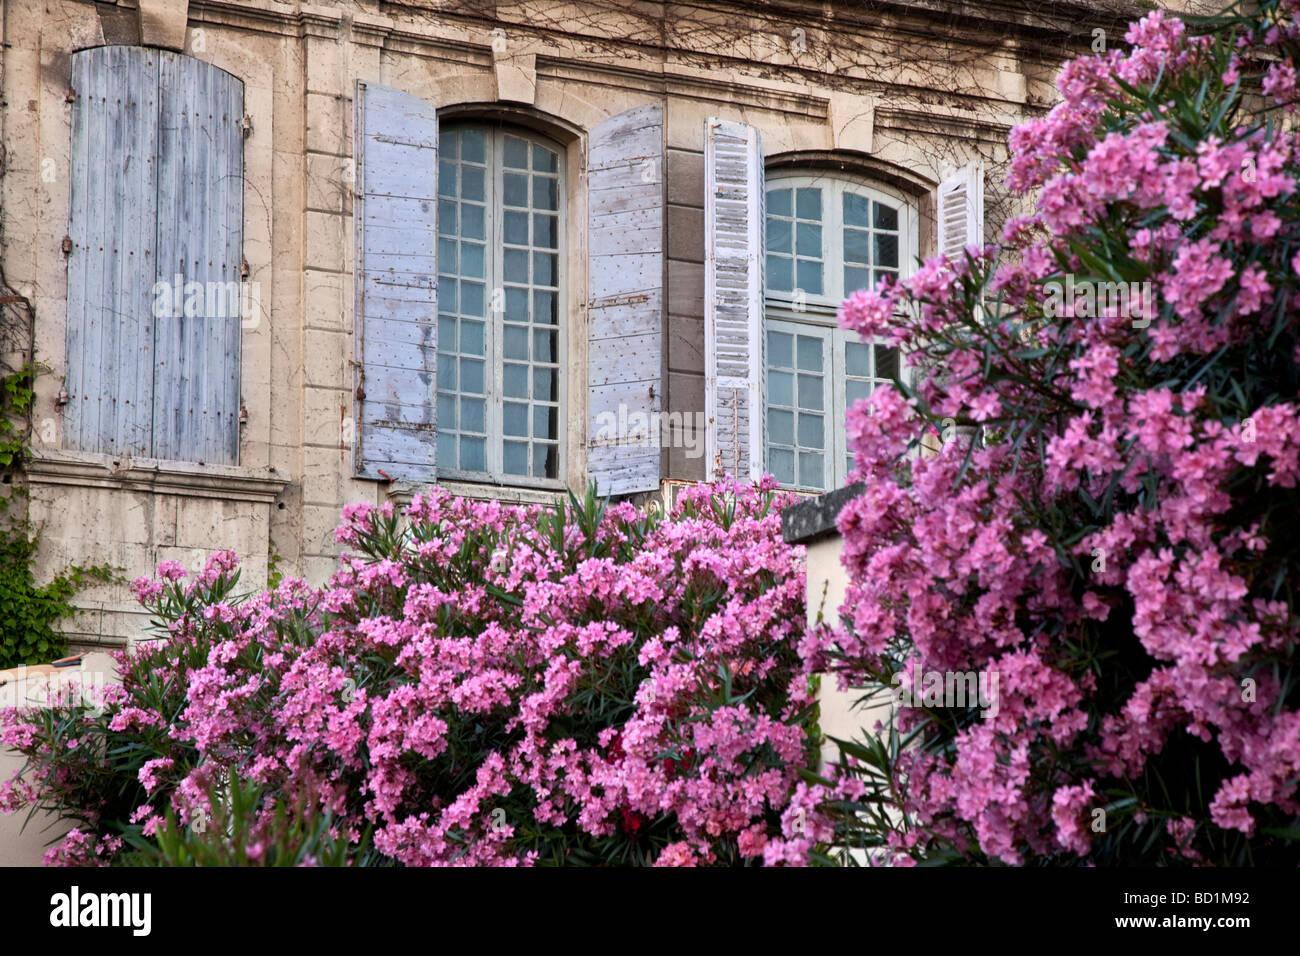 Mad trucker 2 fleurs roses en face de fenêtres aux volets bleus à St Remy de Provence France Photo Stock